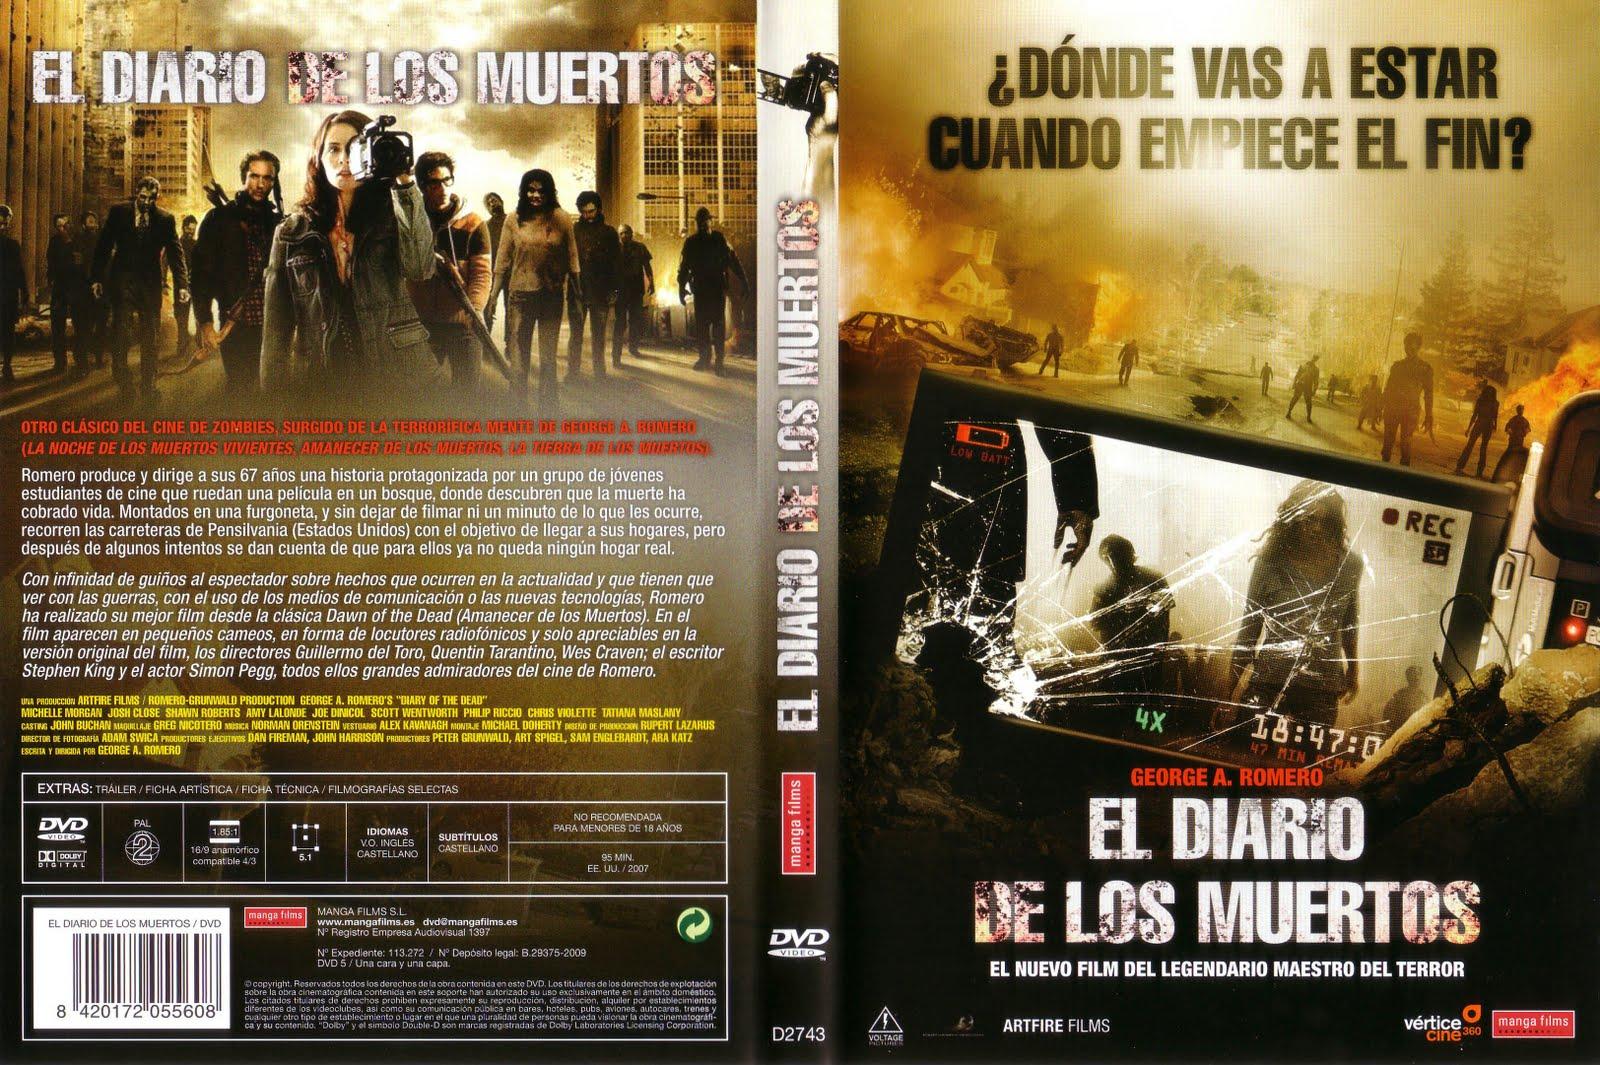 [Pelicula] El Diario De Los Muertos YOUTUBE completa